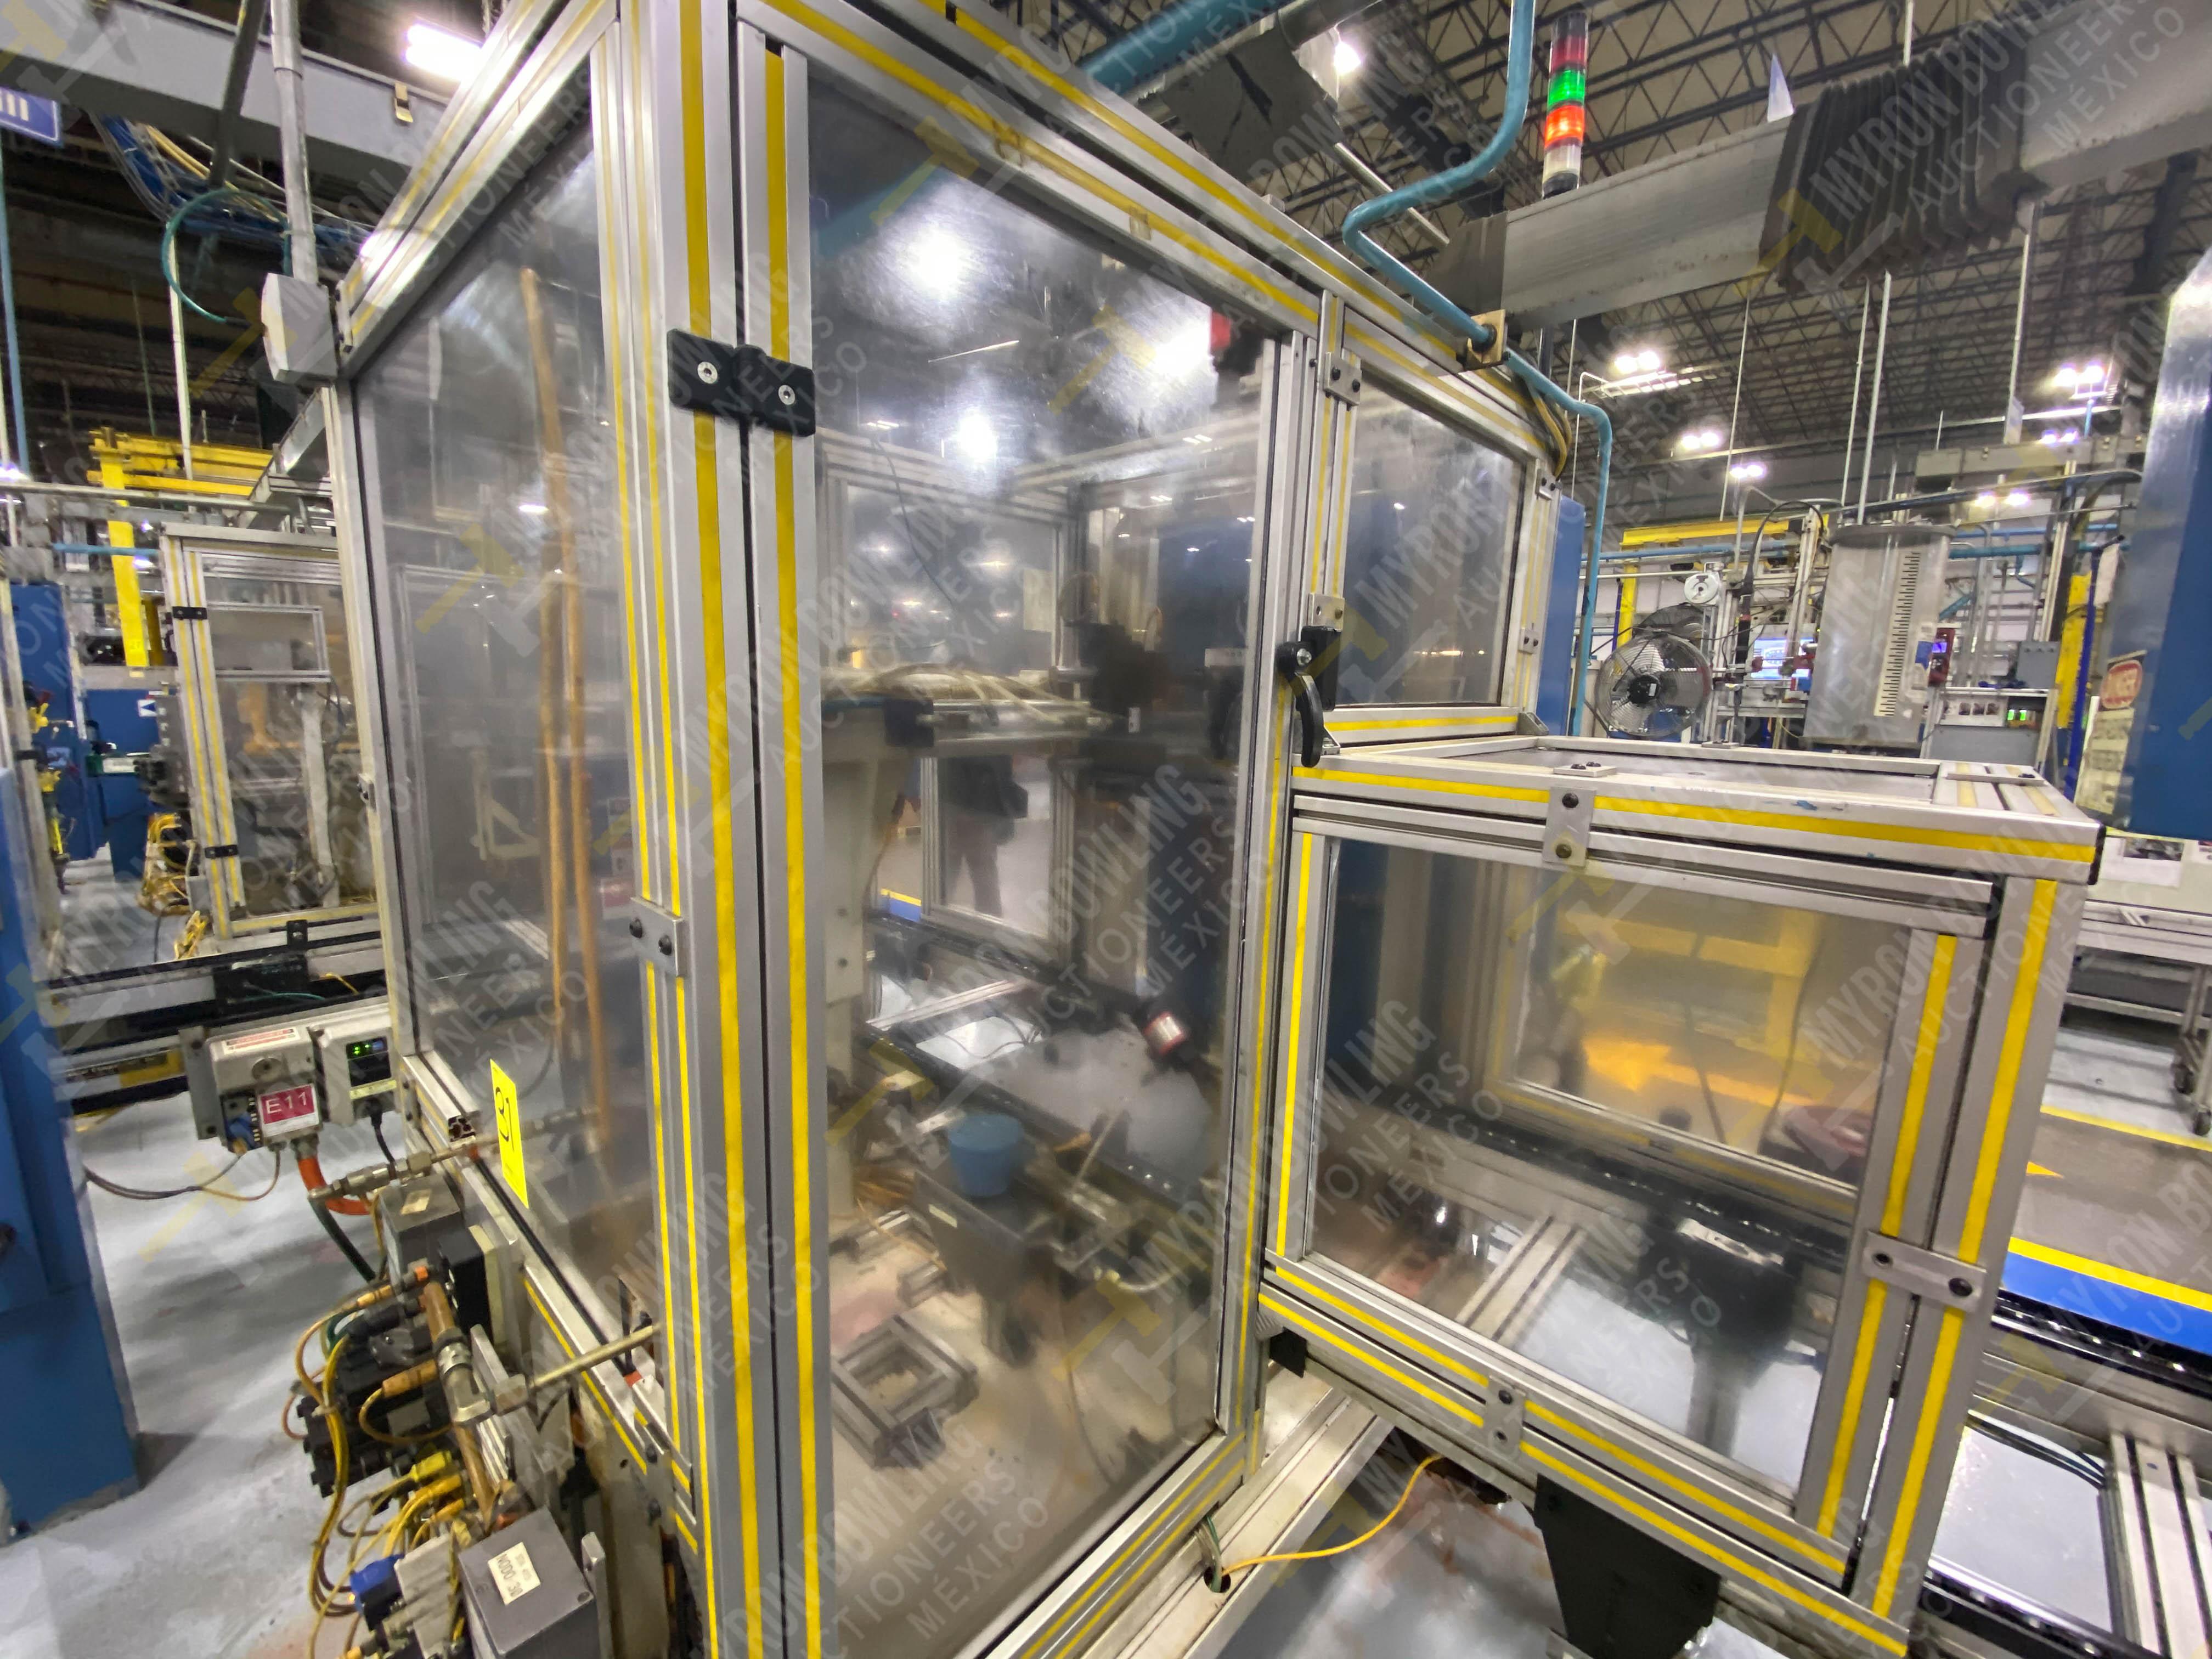 Estación semiautomática para operación 416, contiene: Sistema de llenado de aceite - Image 9 of 20